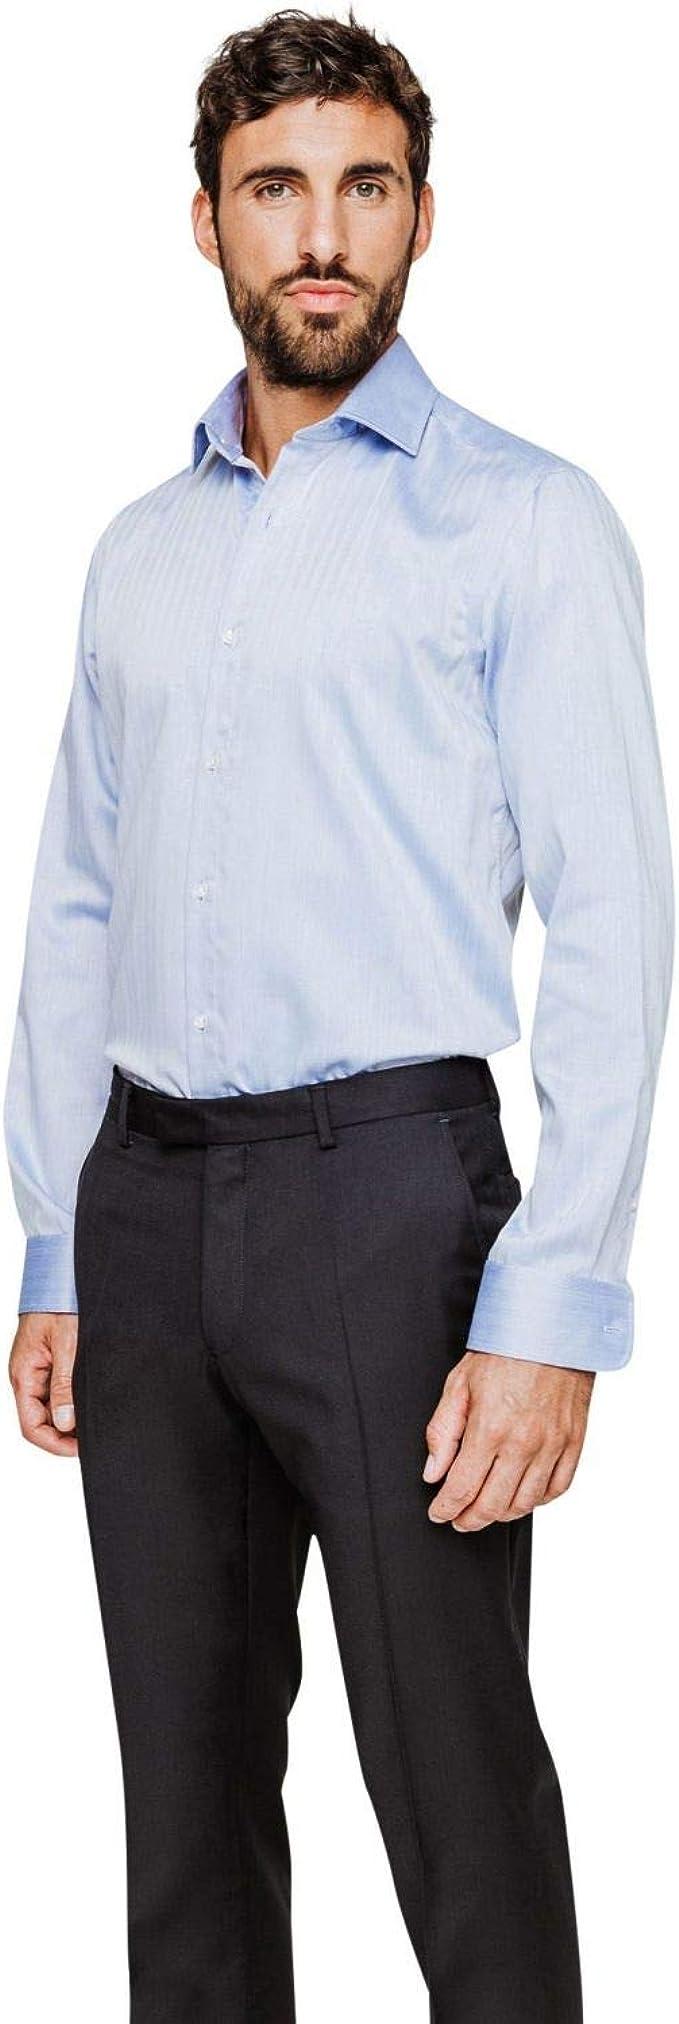 Arrow - Camisa normal sin planchar, color azul marino